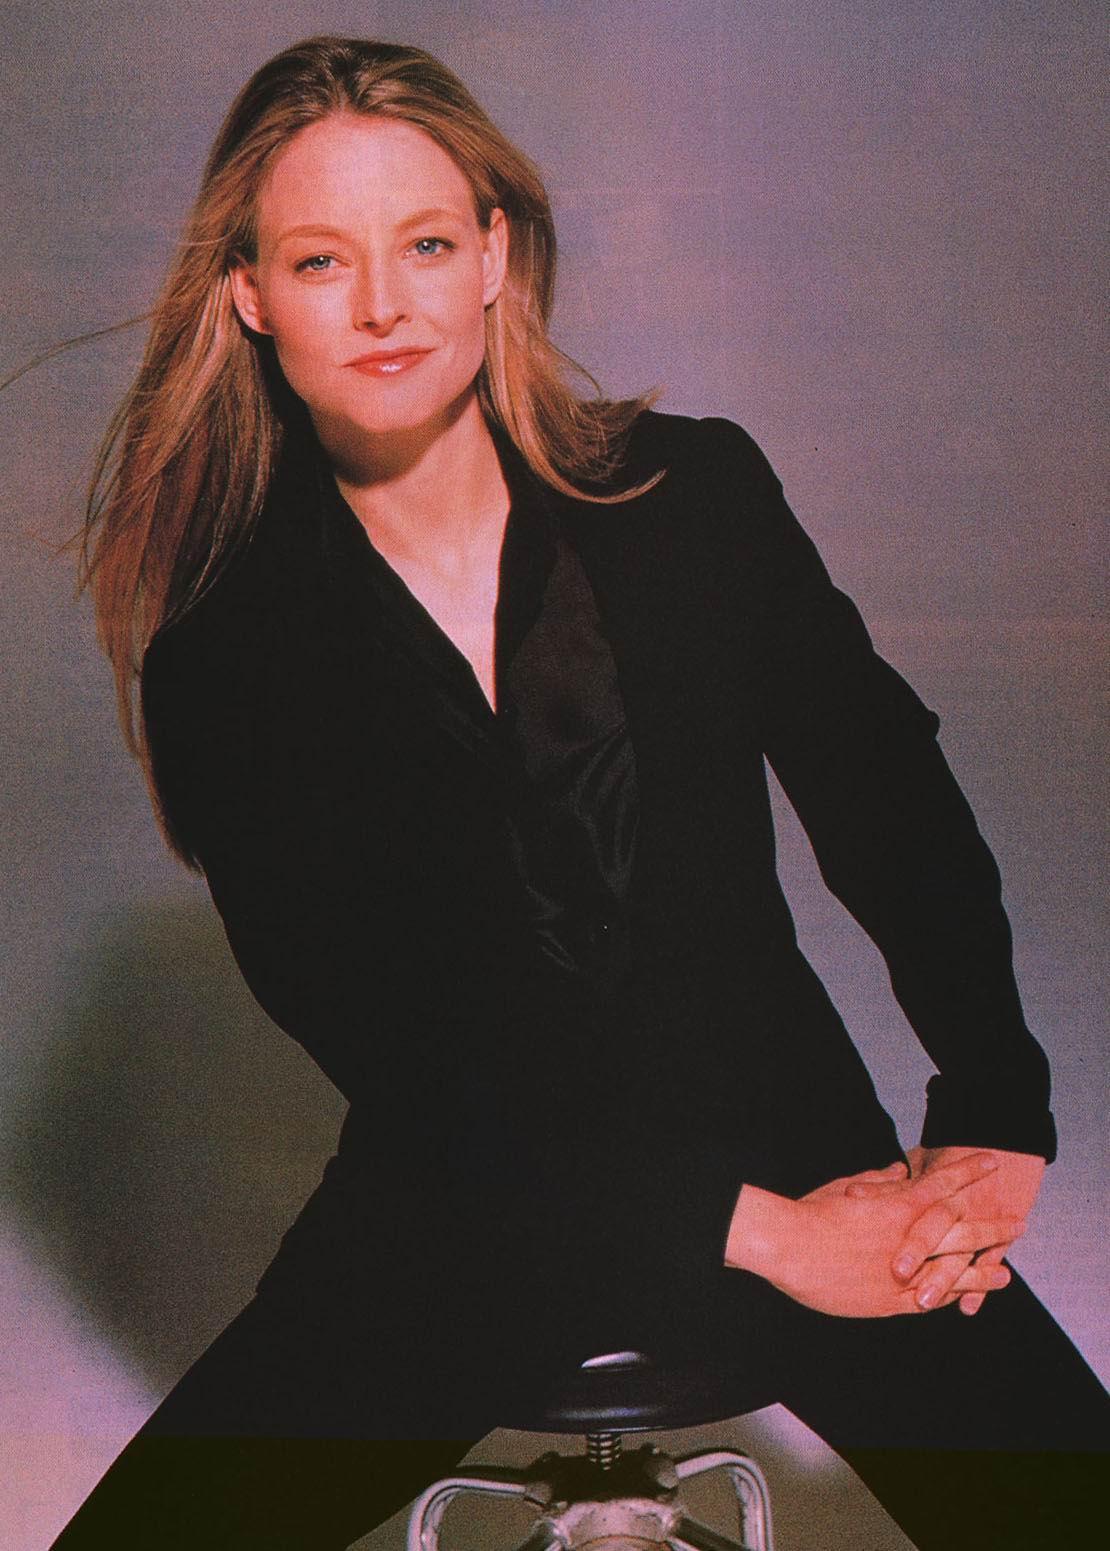 Jodie Foster sin ropa interior